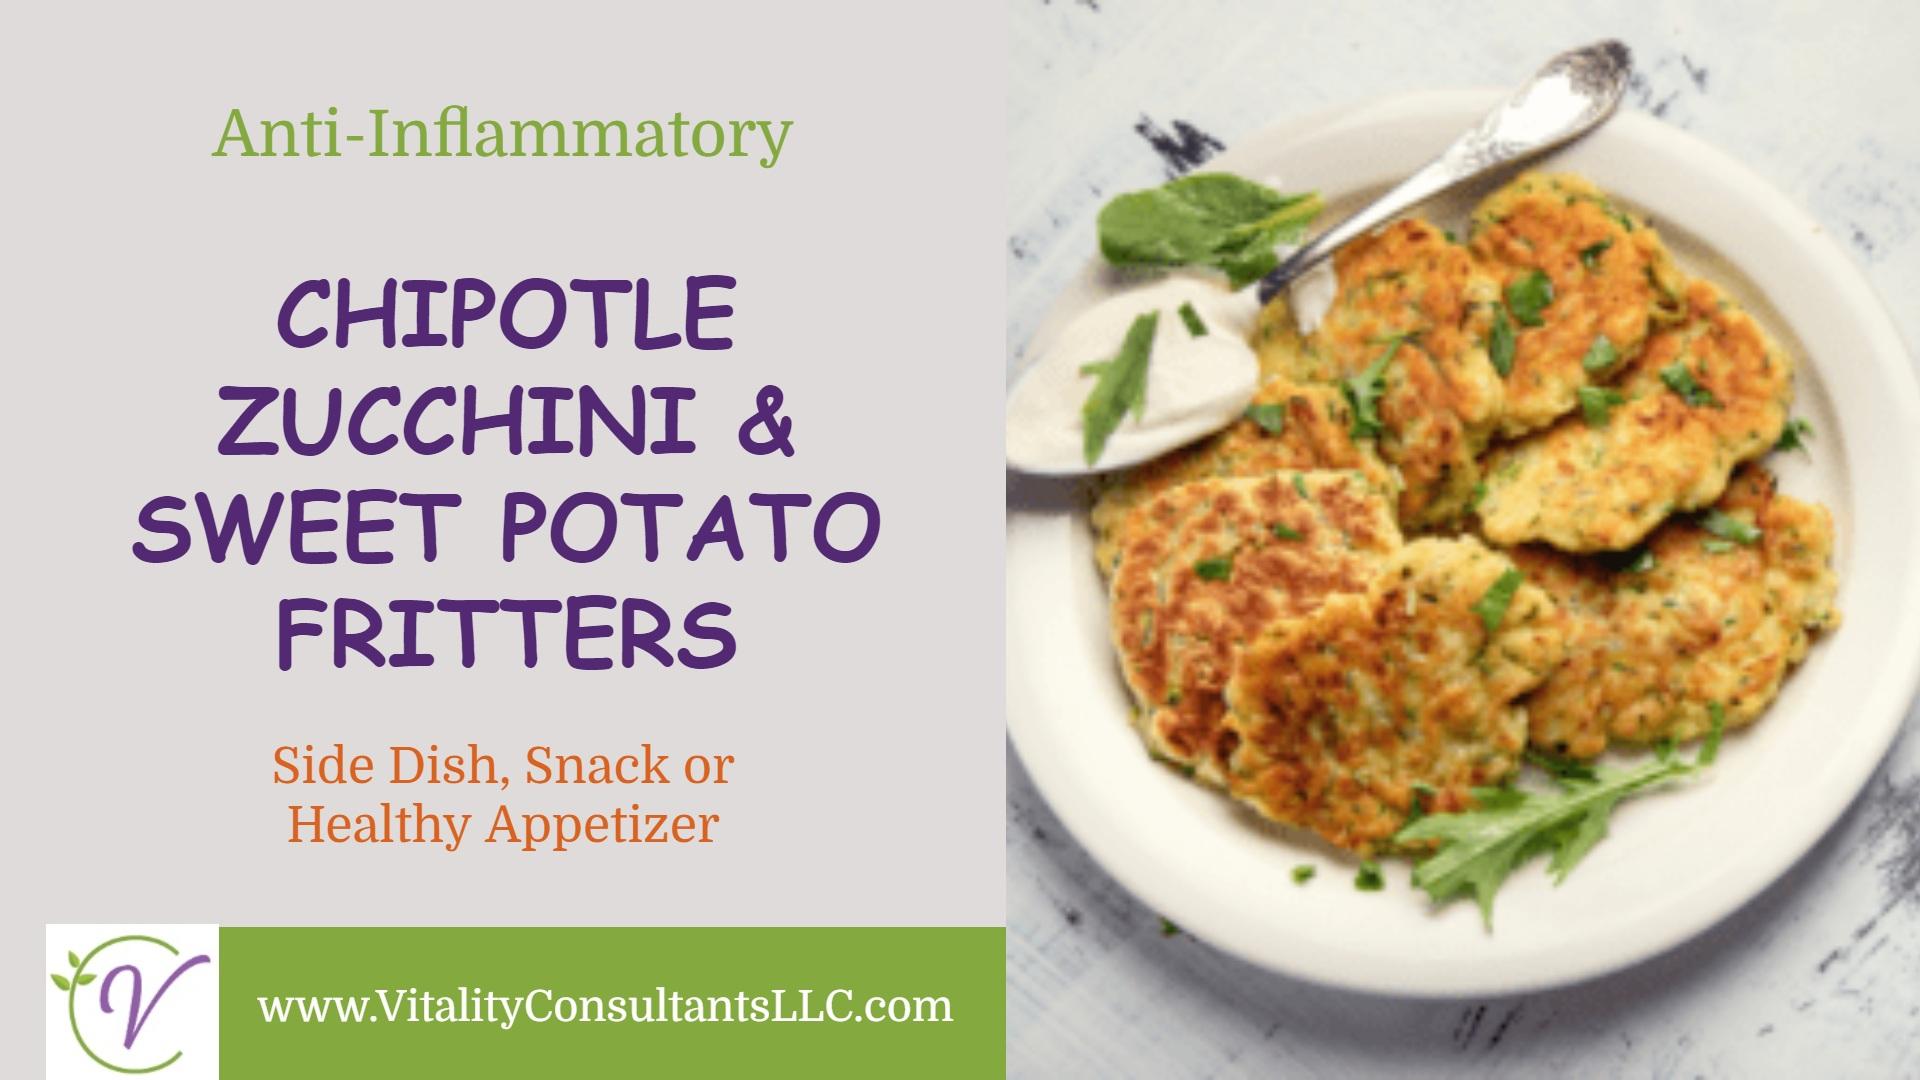 Chipotle Zucchini